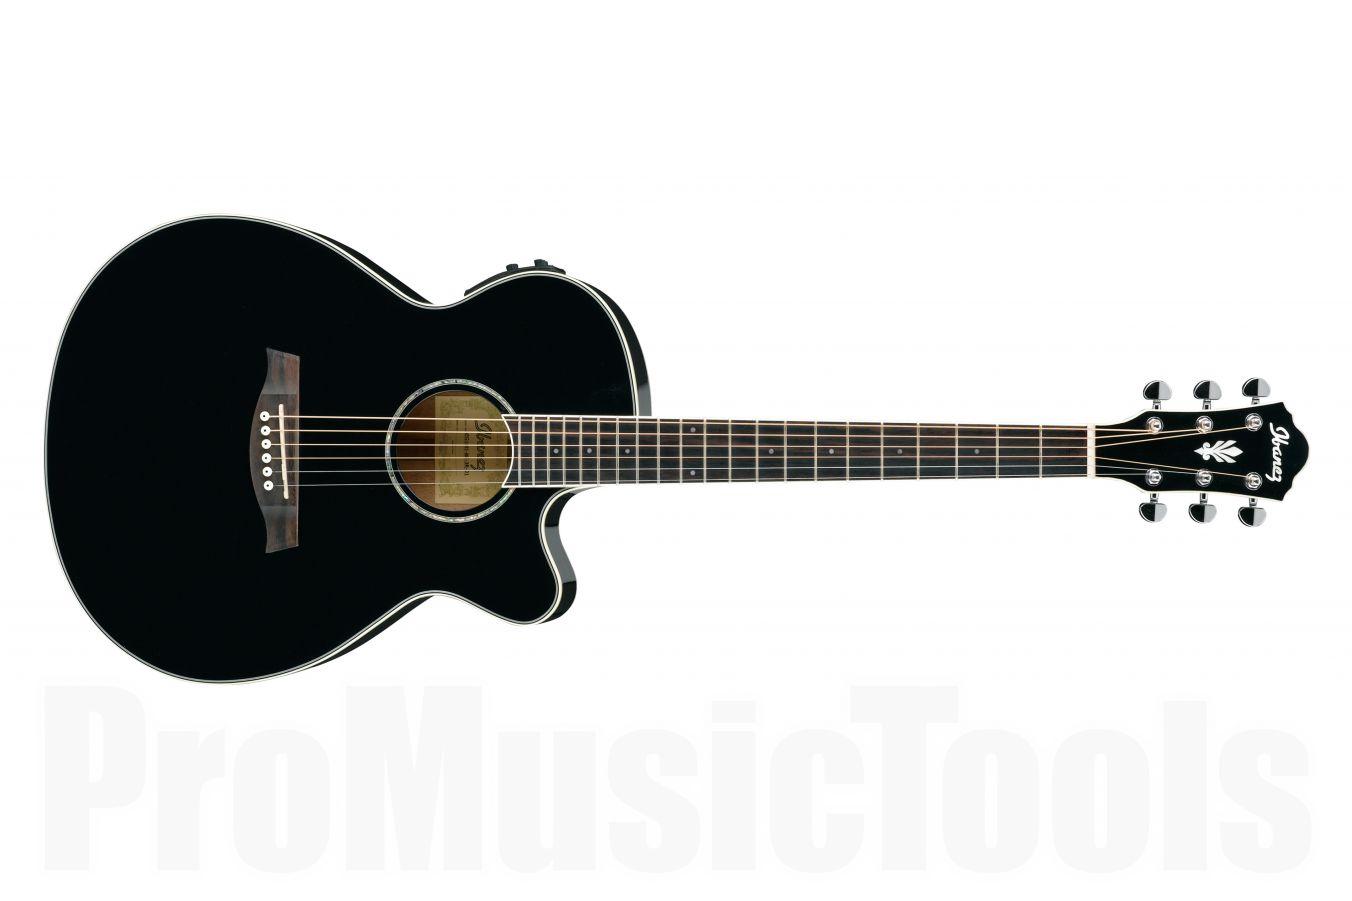 Ibanez AEG10II BK - Black